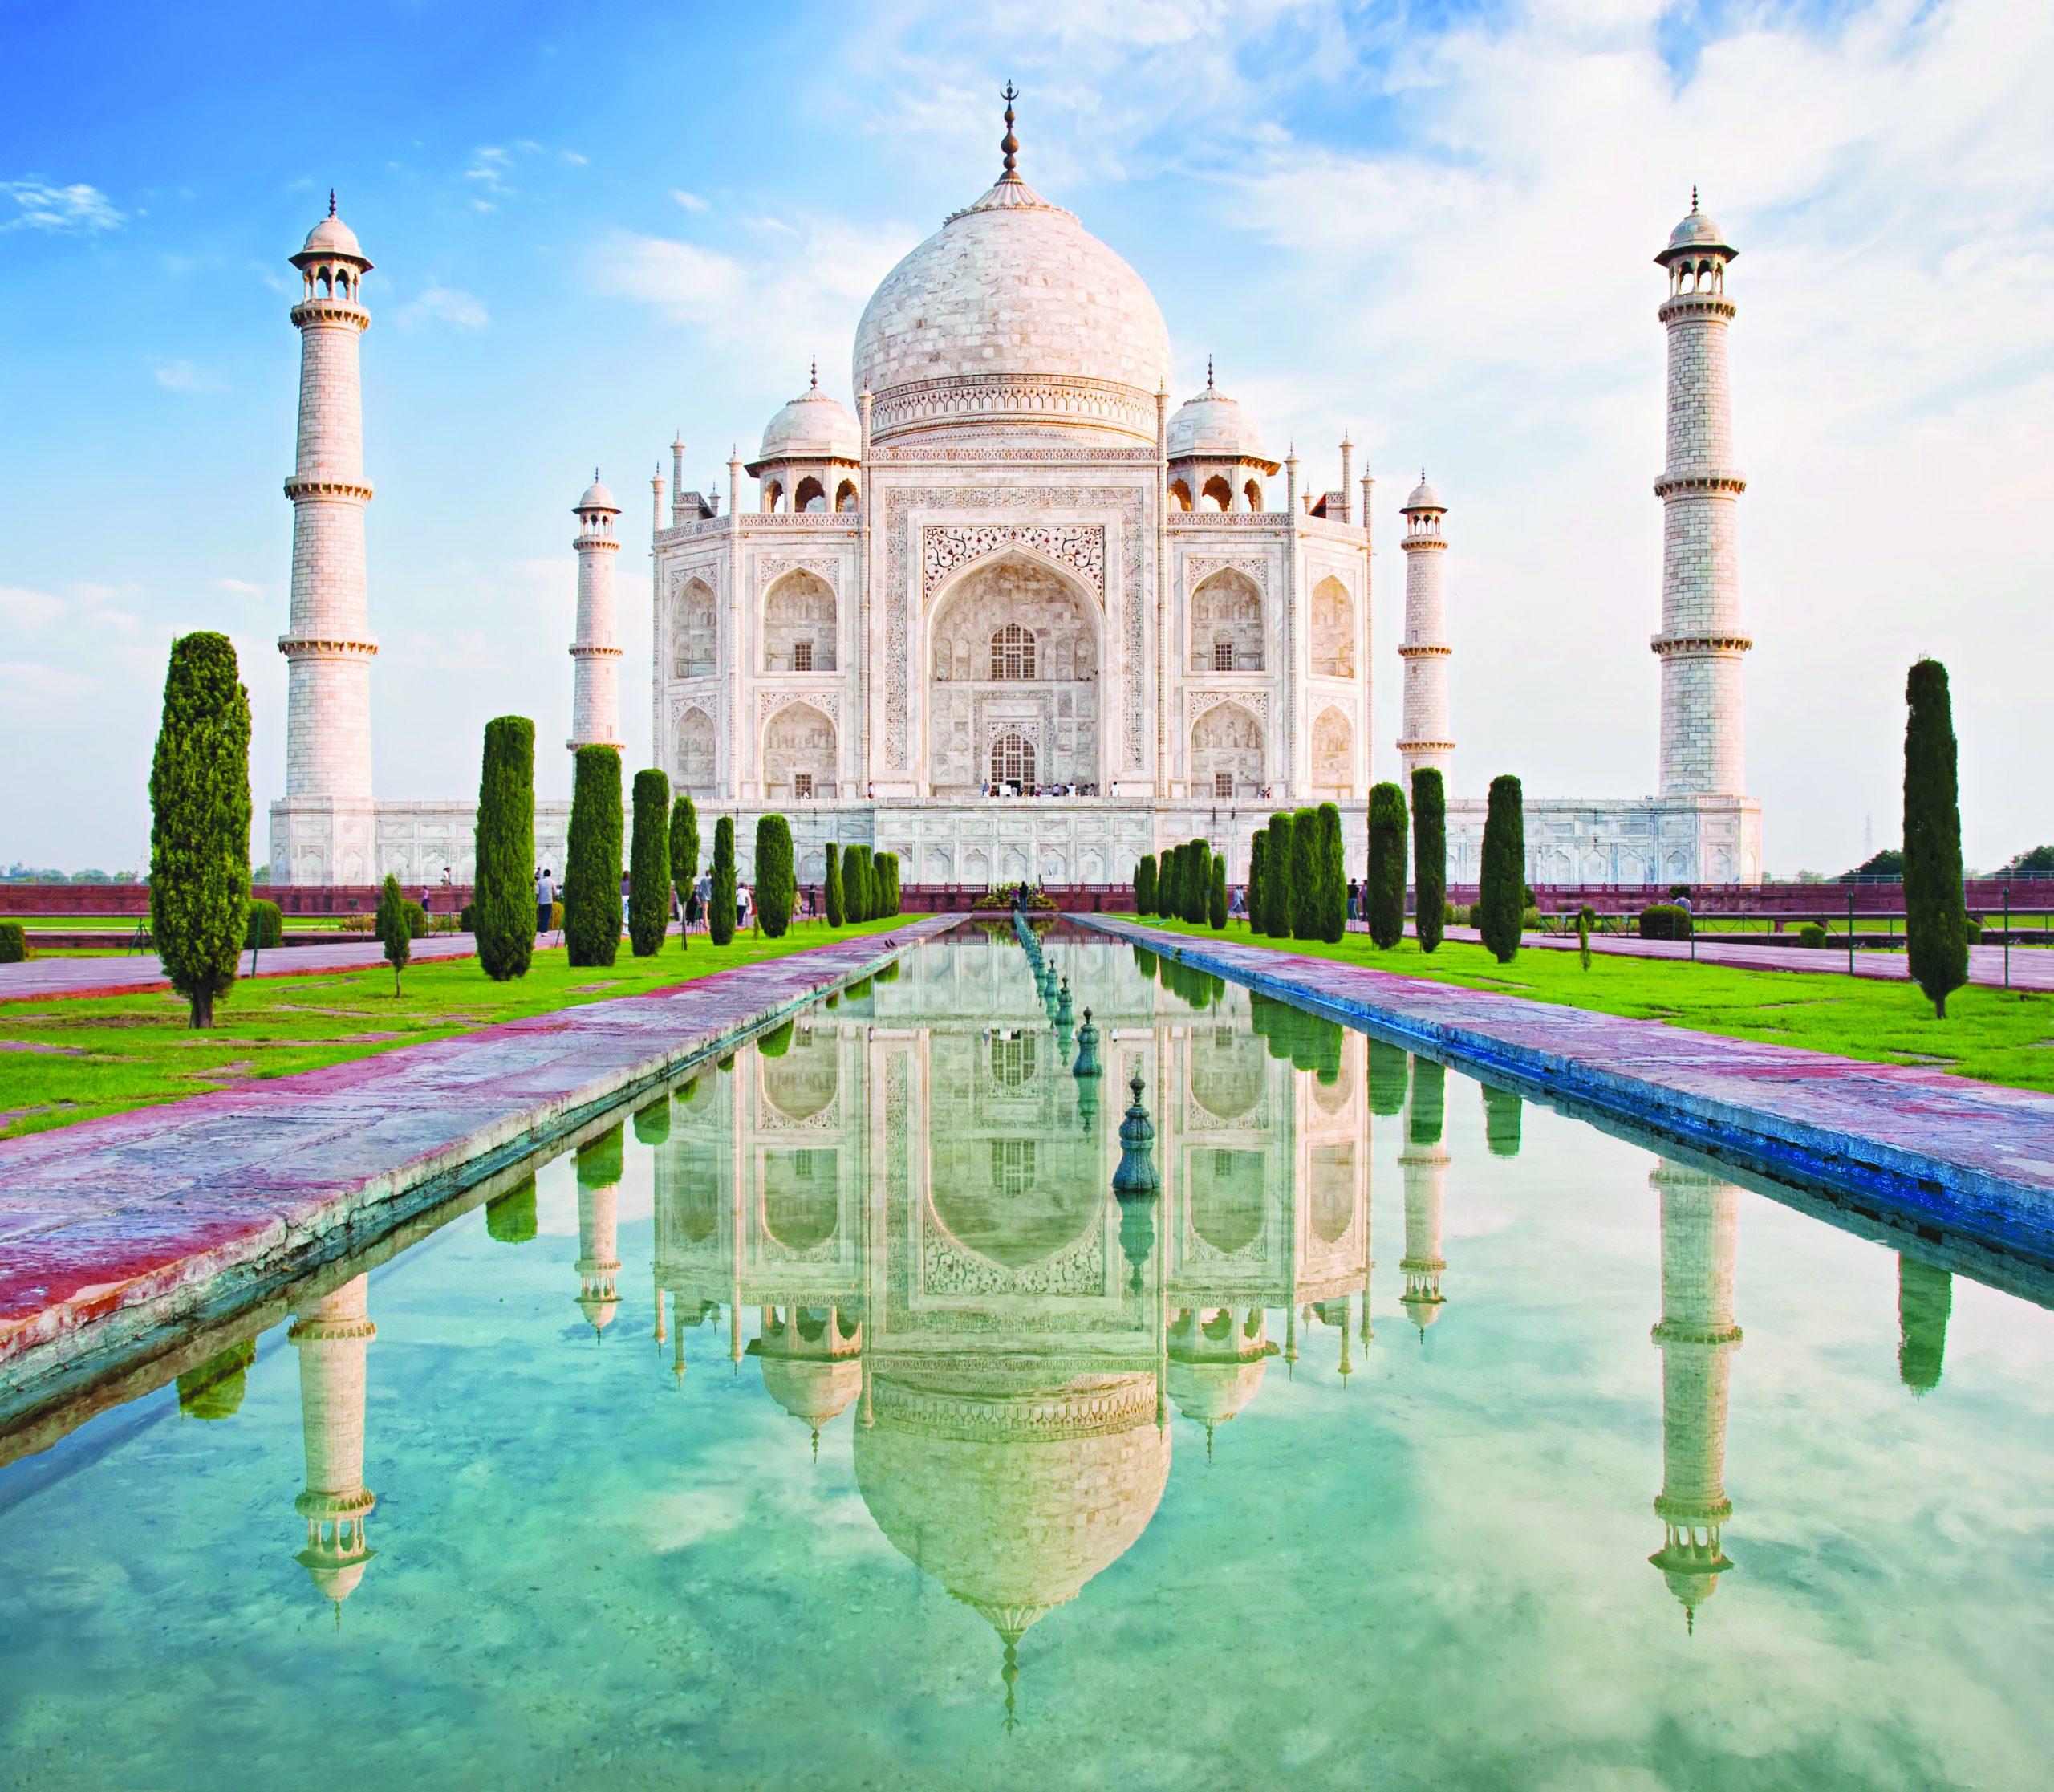 p1_Taj Mahal